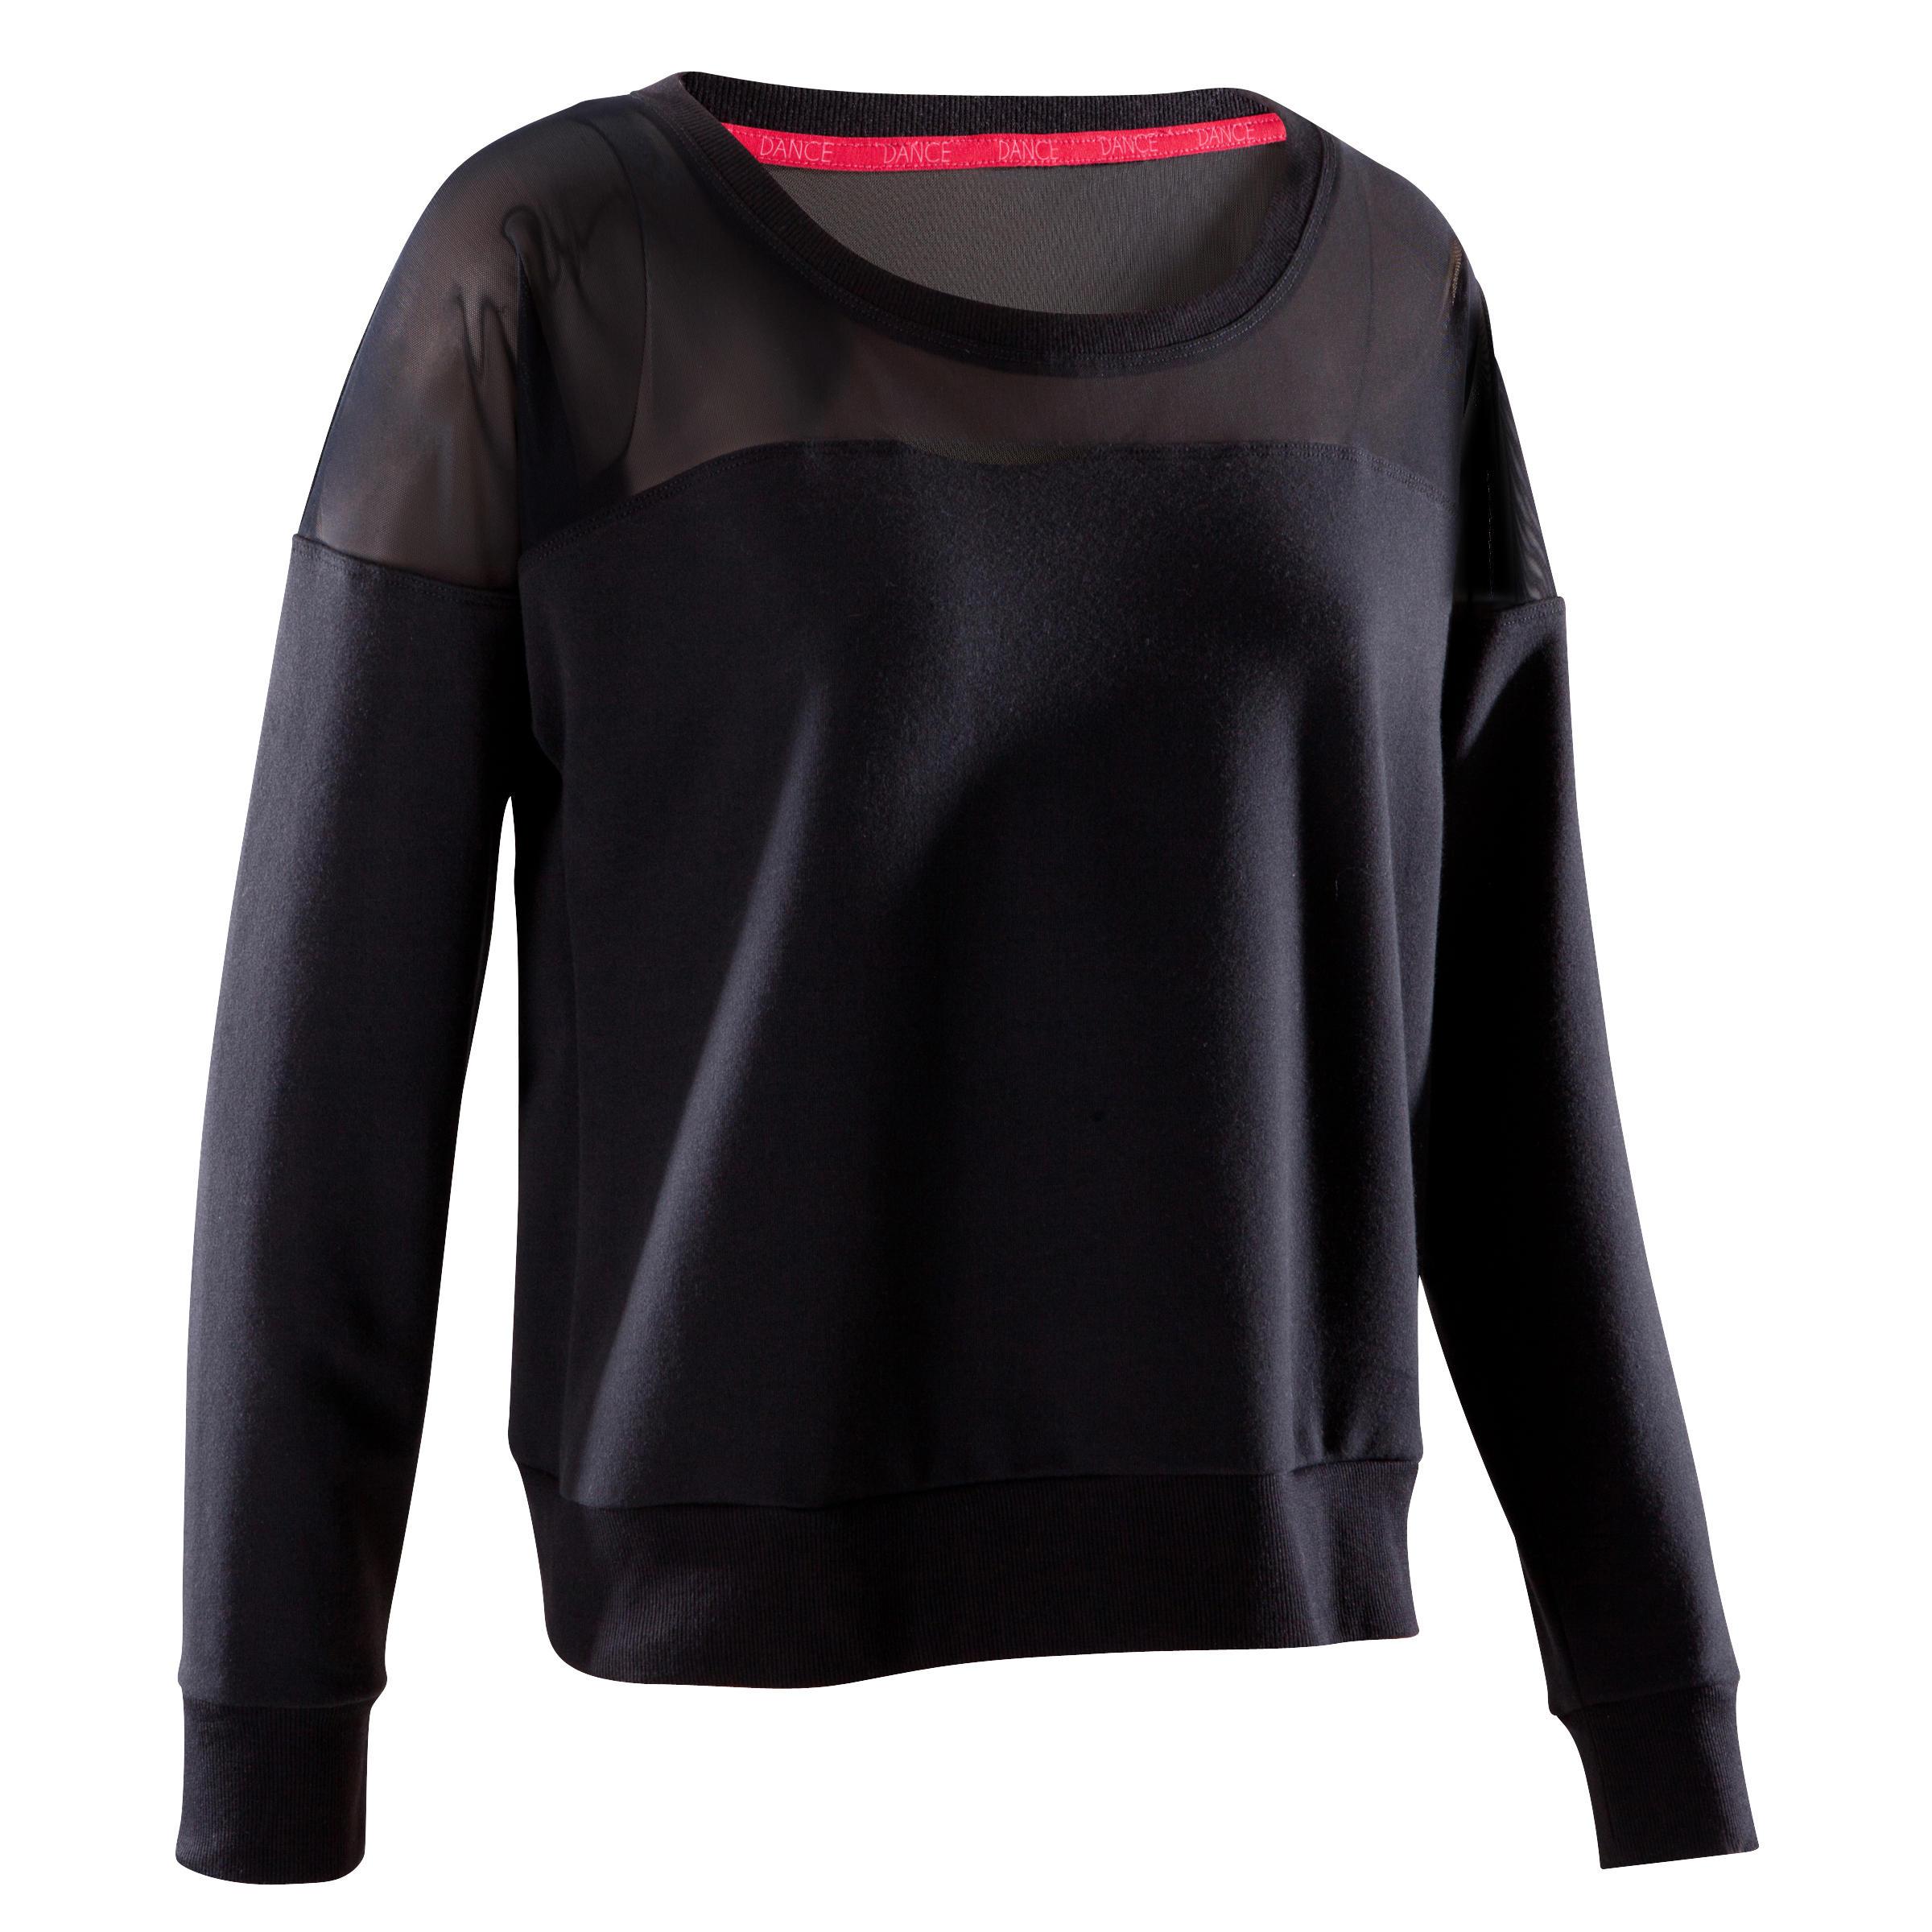 Domyos Danssweater voor dames zwart